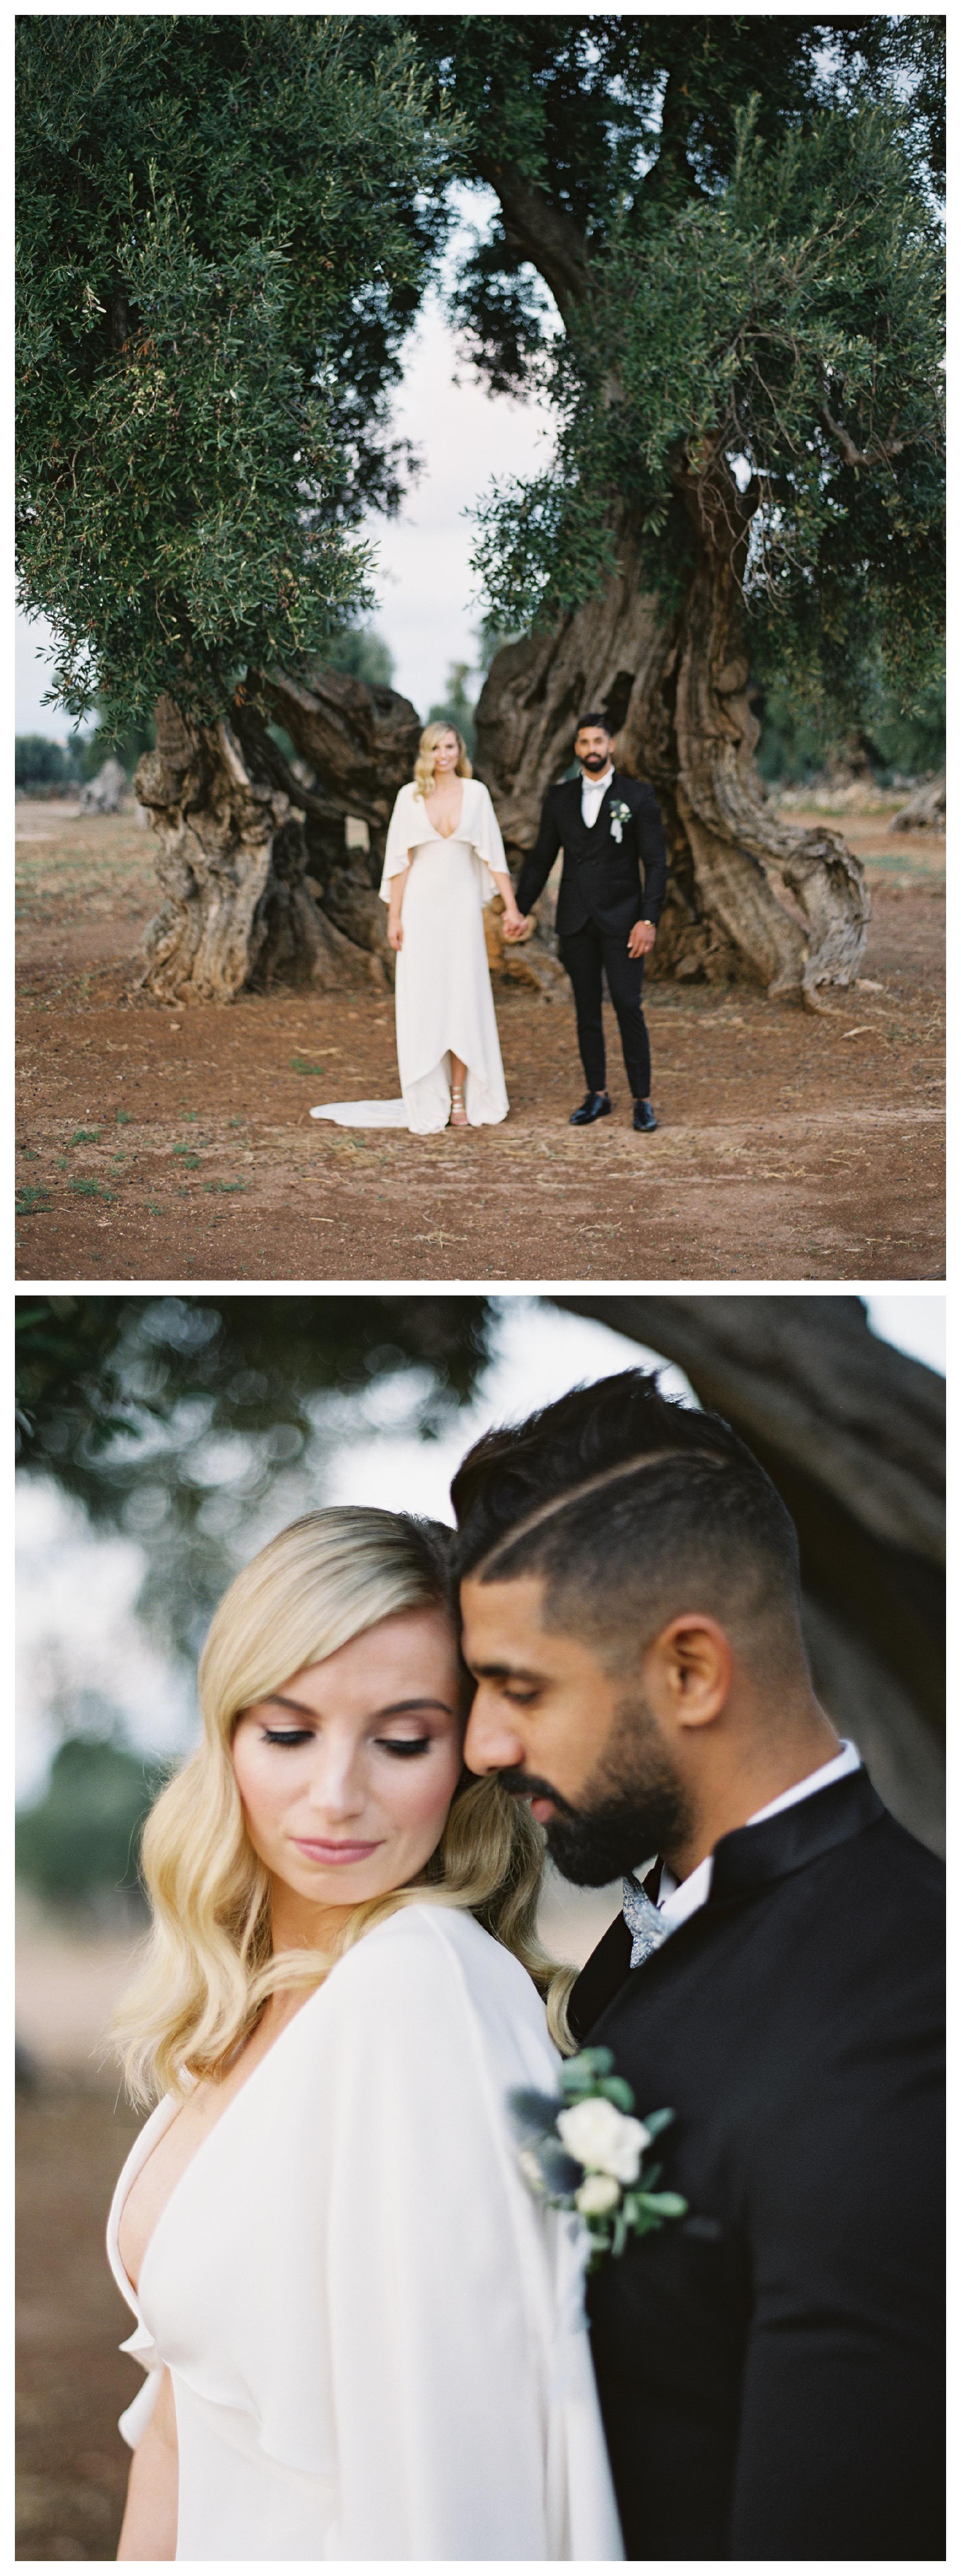 bride and groom portrait, puglia wedding, olive trees groove, masseria wedding